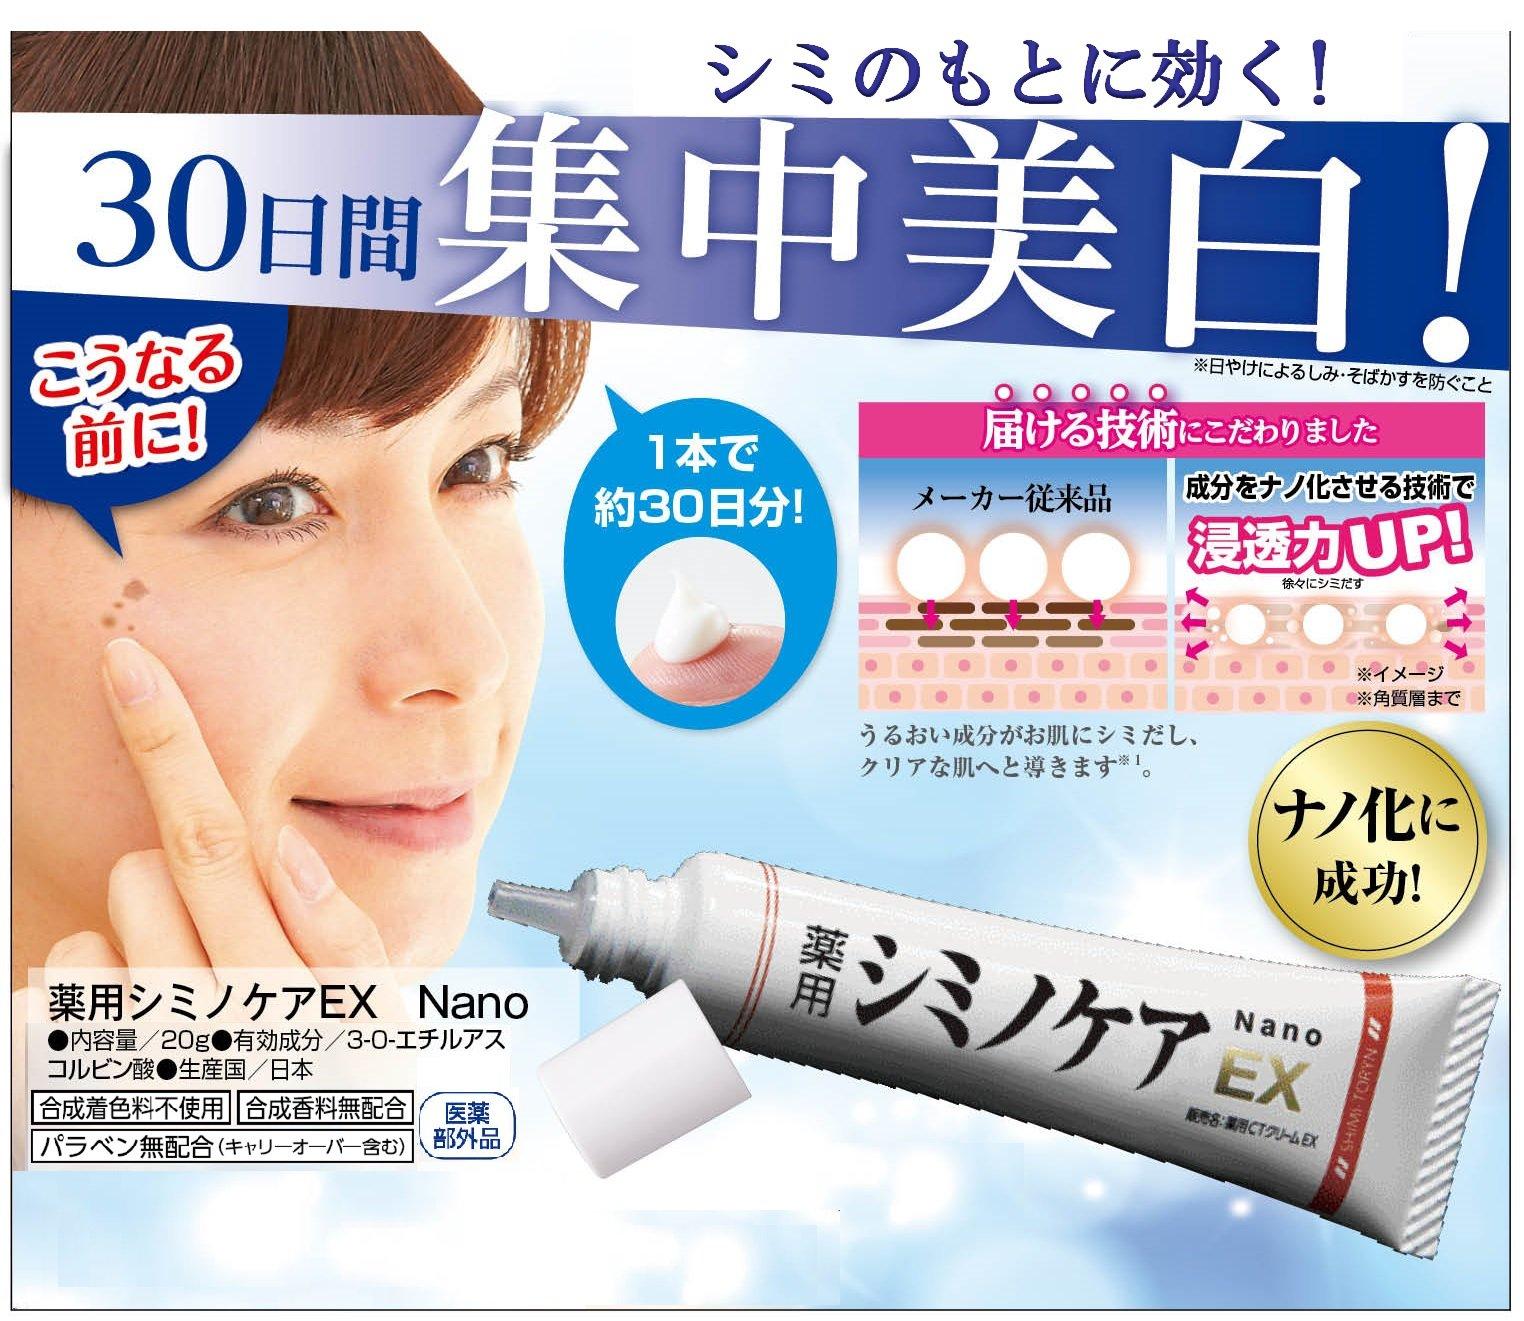 薬用シミノケアEX Nano